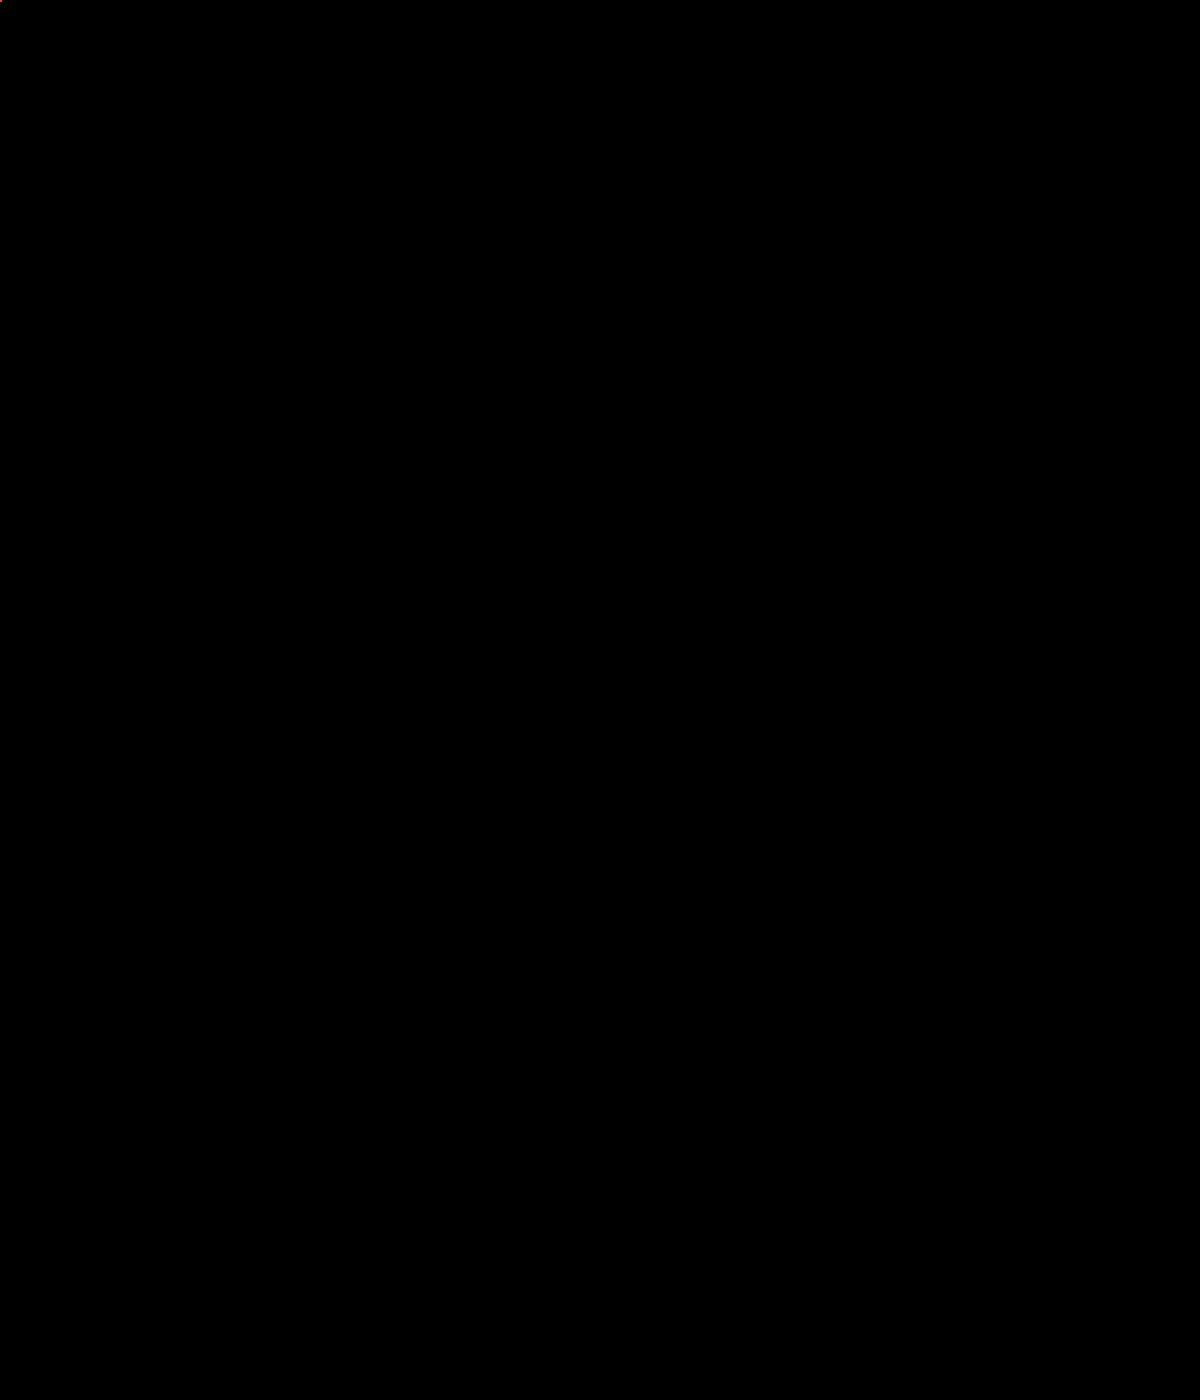 main-image-base  by castelhano